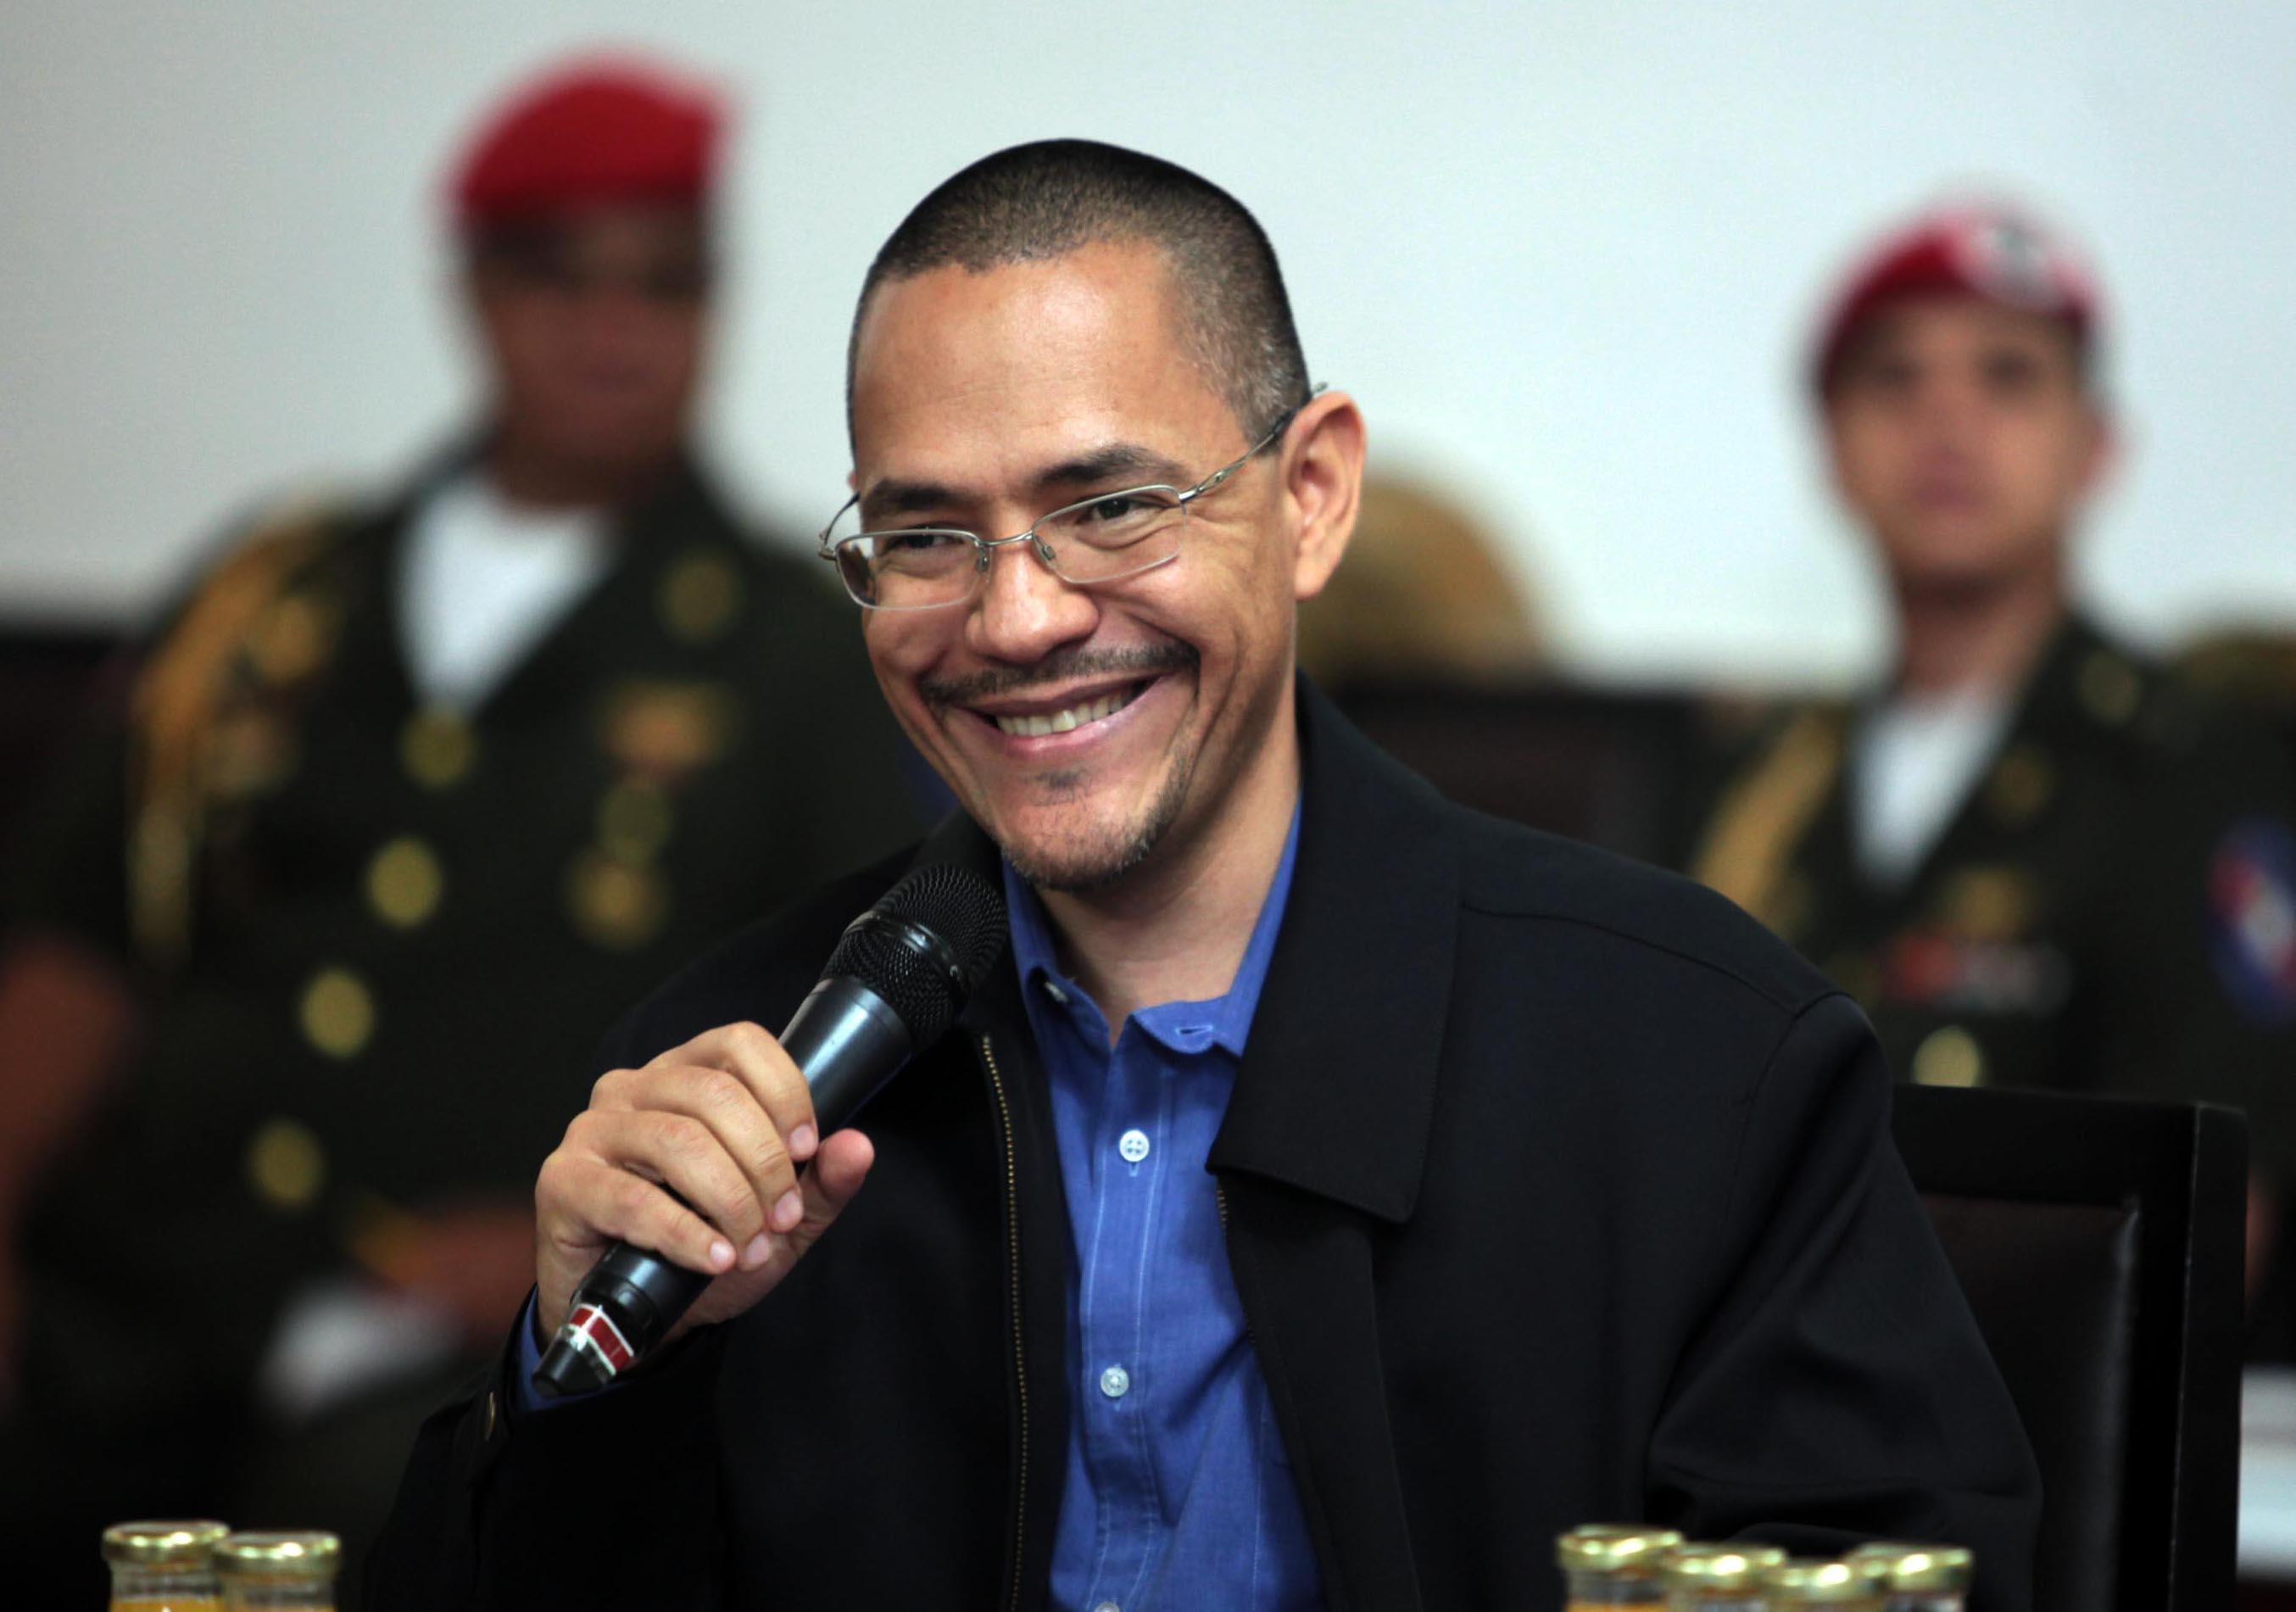 El ministro de Maduro dice que hay una campaña xenófoba contra China / Foto: WC